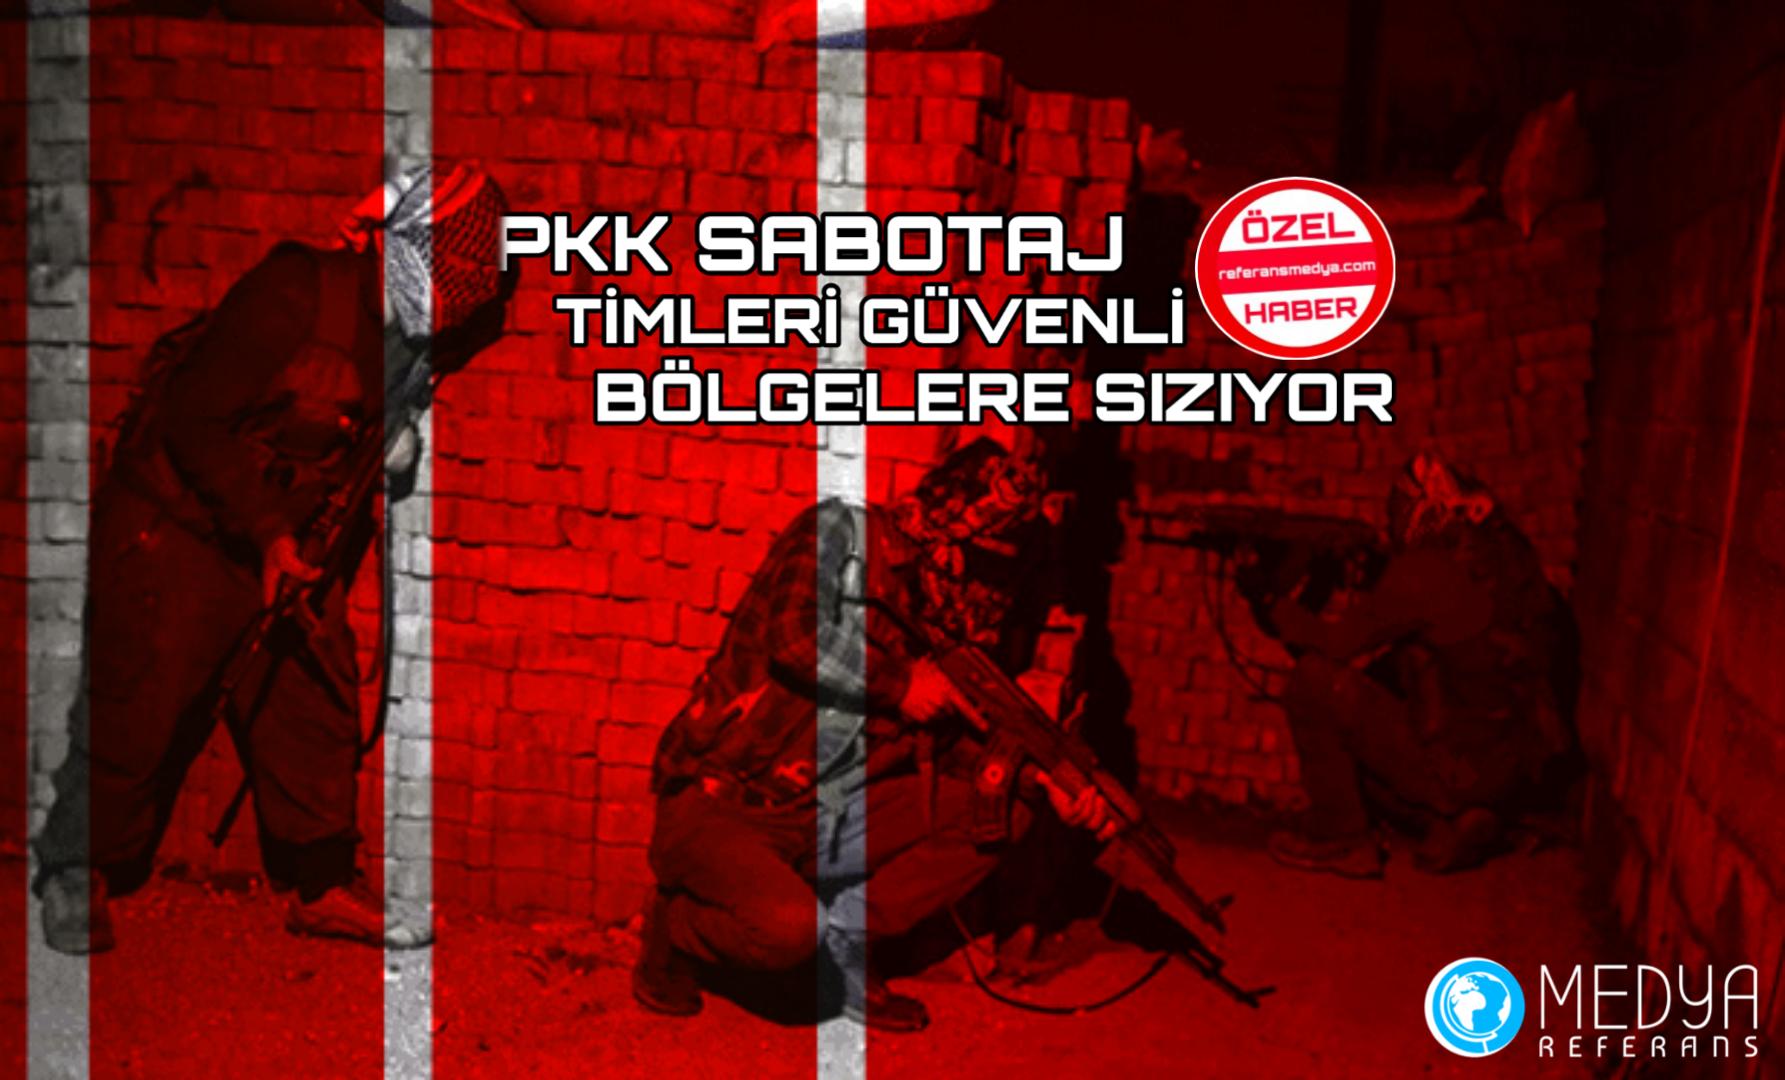 PKK SABOTAJ TİMLERİ GÜVENLİ BÖLGELERE SIZIYOR